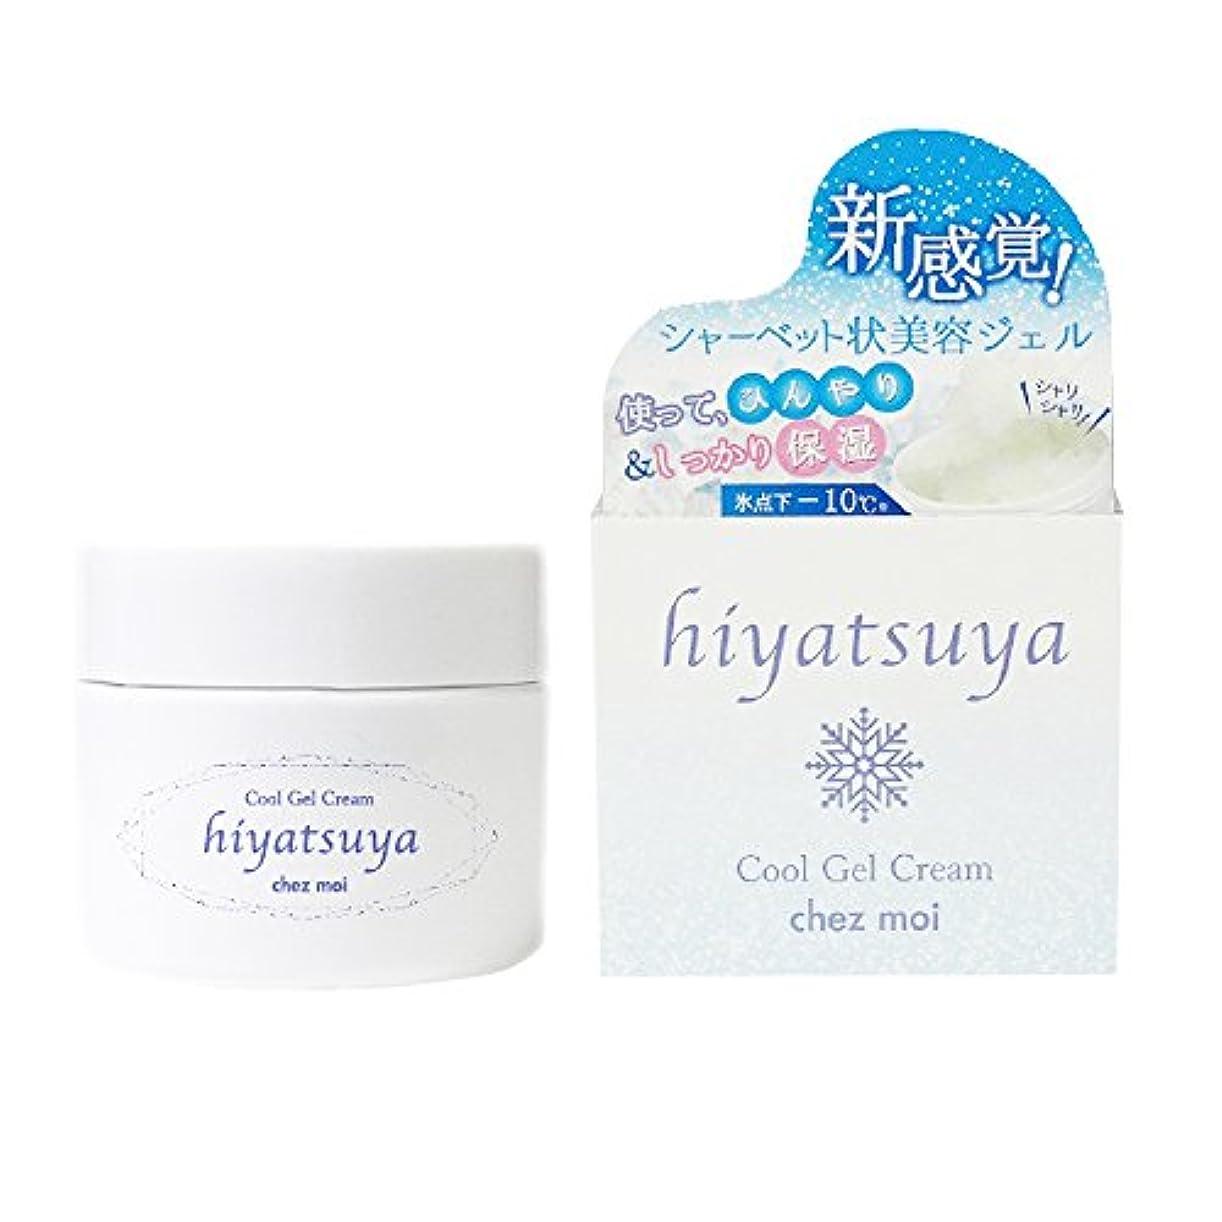 鉄農奴パントリーシェモア hiyatsuya(ヒヤツヤ) cool gel cream 70g